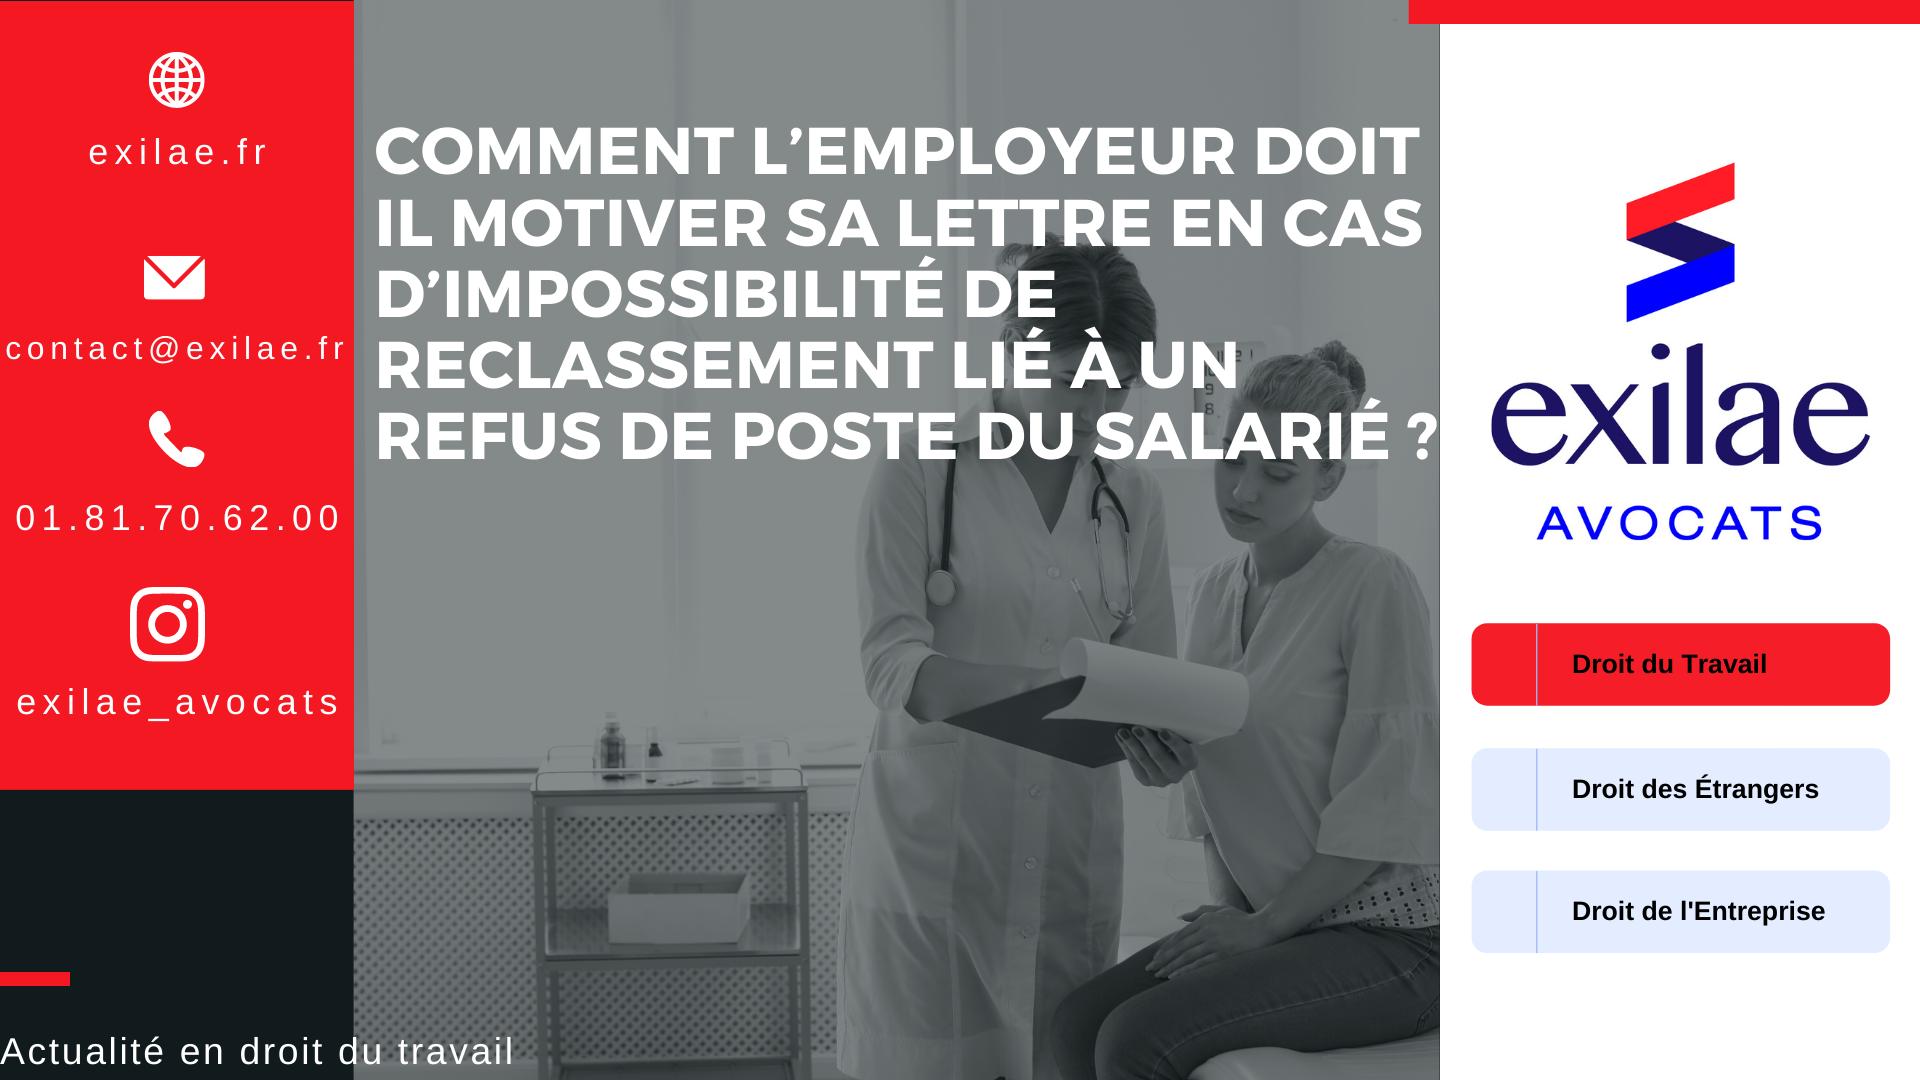 Comment l'employeur doit il motiver sa lettre en cas d'impossibilité de reclassement lié à un refus de poste du salarié ?